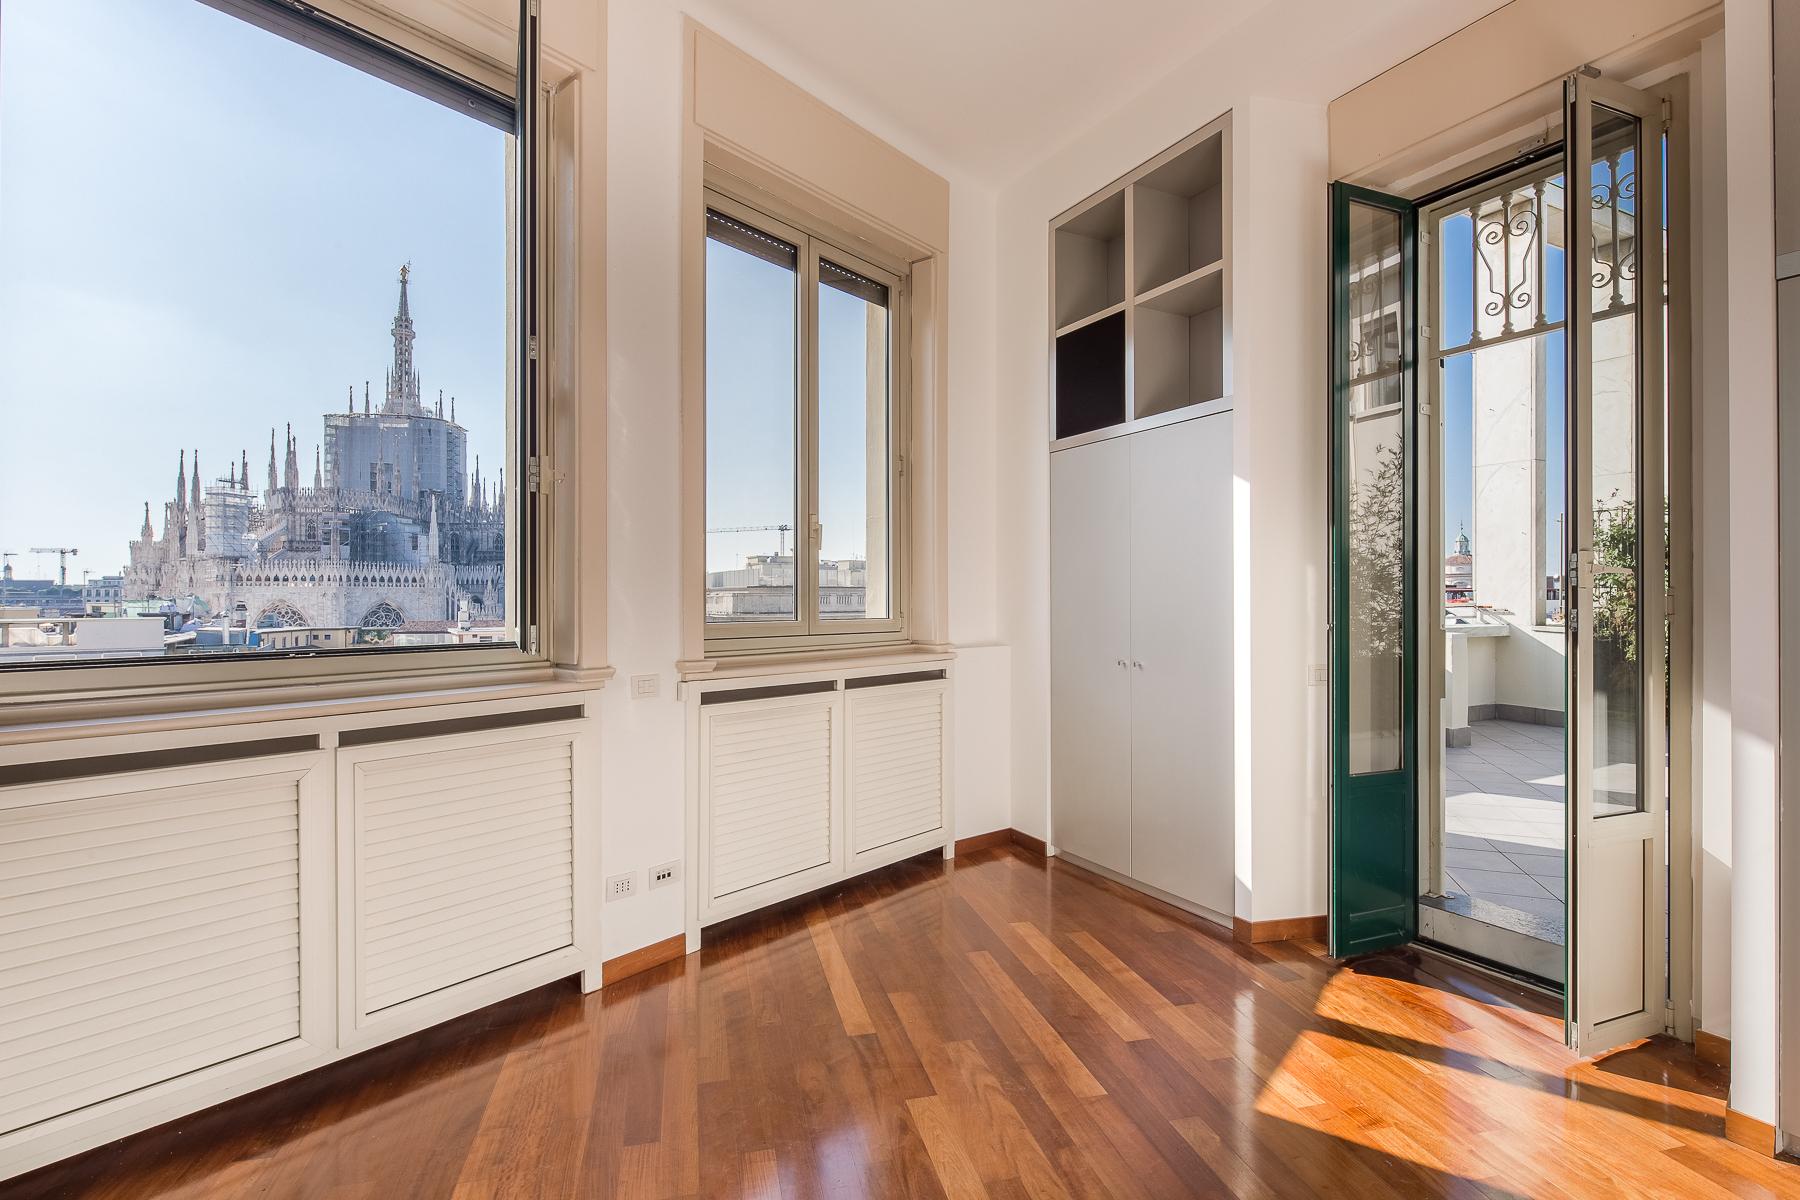 Appartamento in Vendita a Milano corso galleria del corso